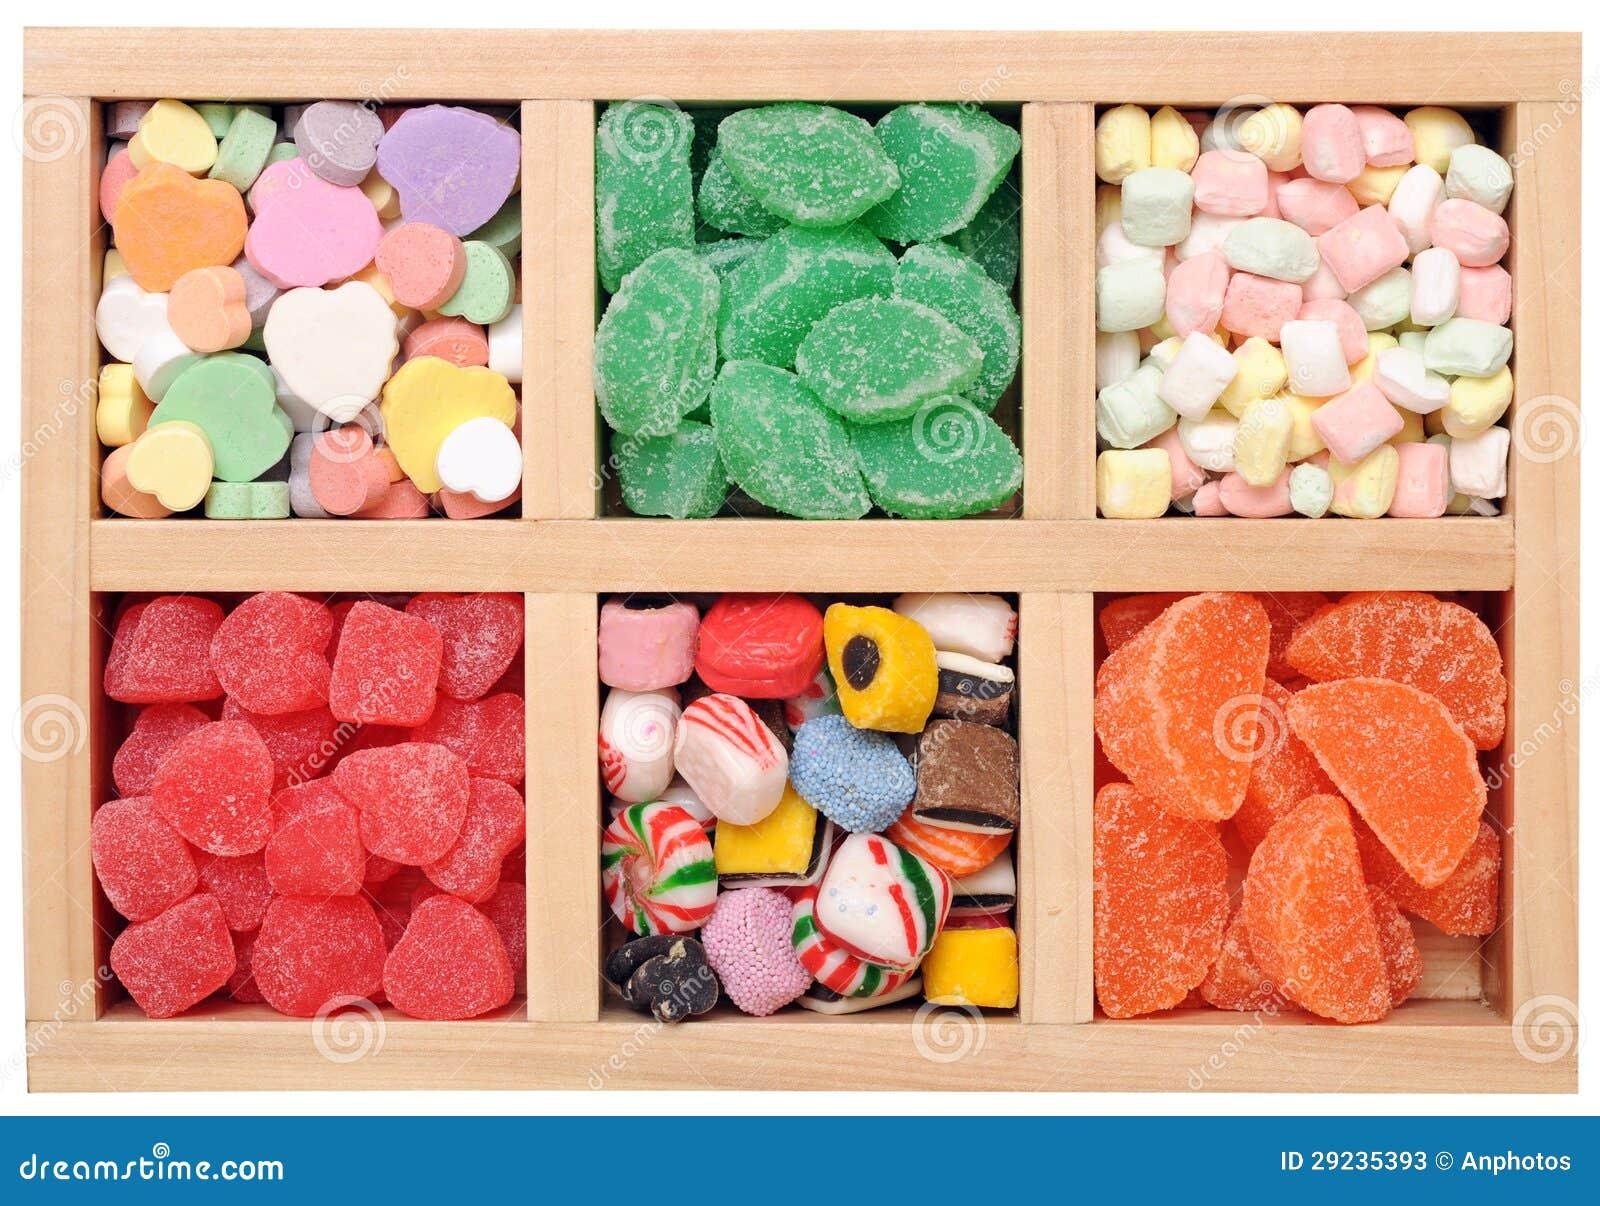 Download Doces do sabor do fruto imagem de stock. Imagem de açúcar - 29235393